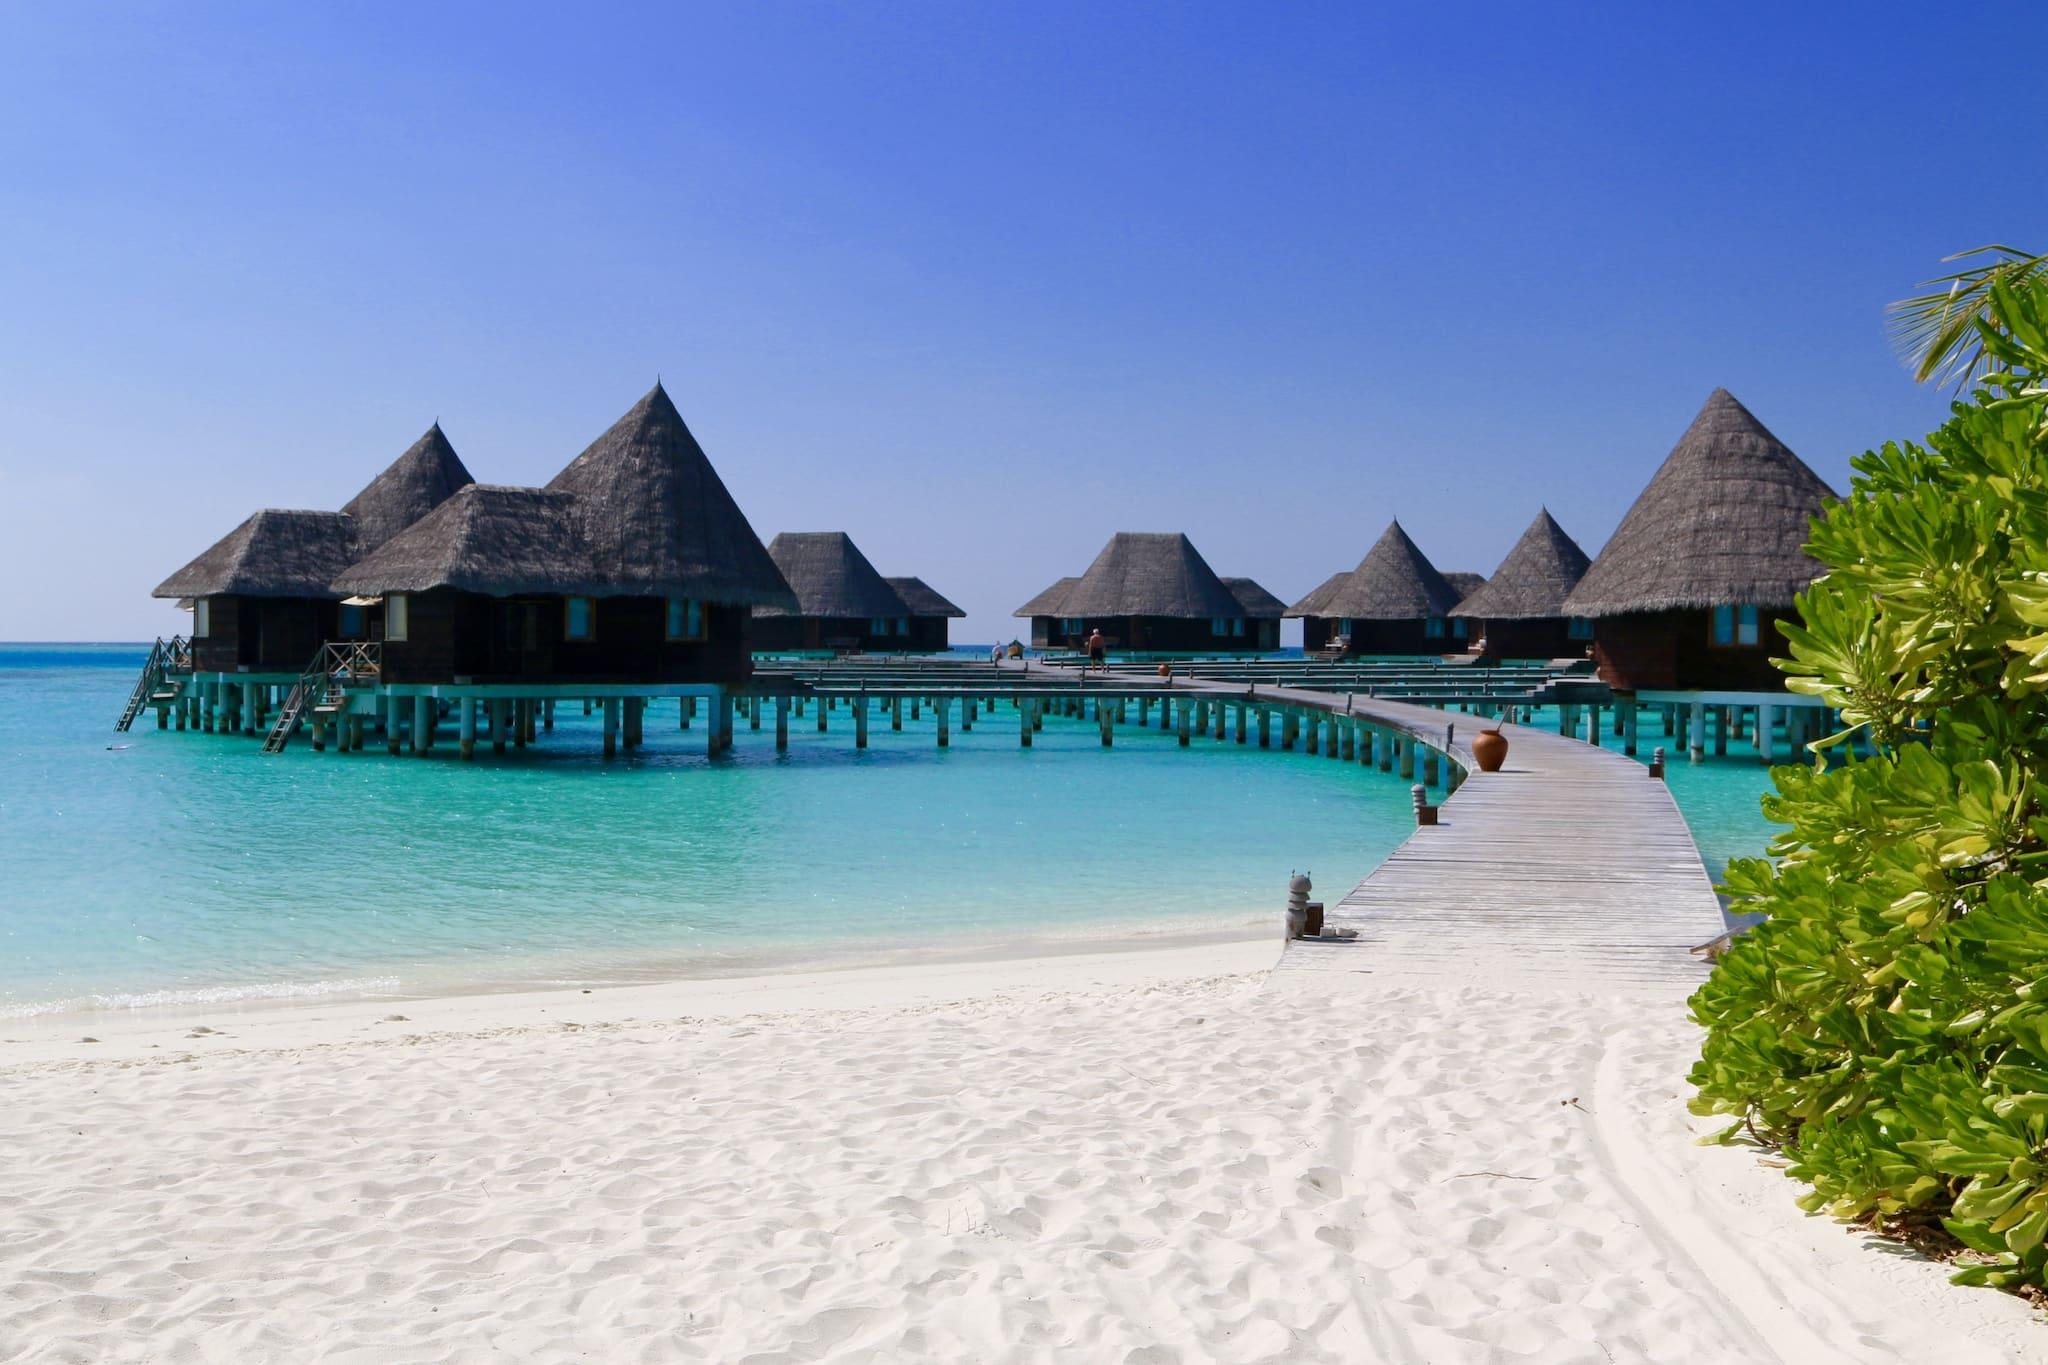 Reisebericht Malediven: Tipps und Inspirationen für deinen Urlaub im Inselparadies. Foto: Sascha Tegtmeyer